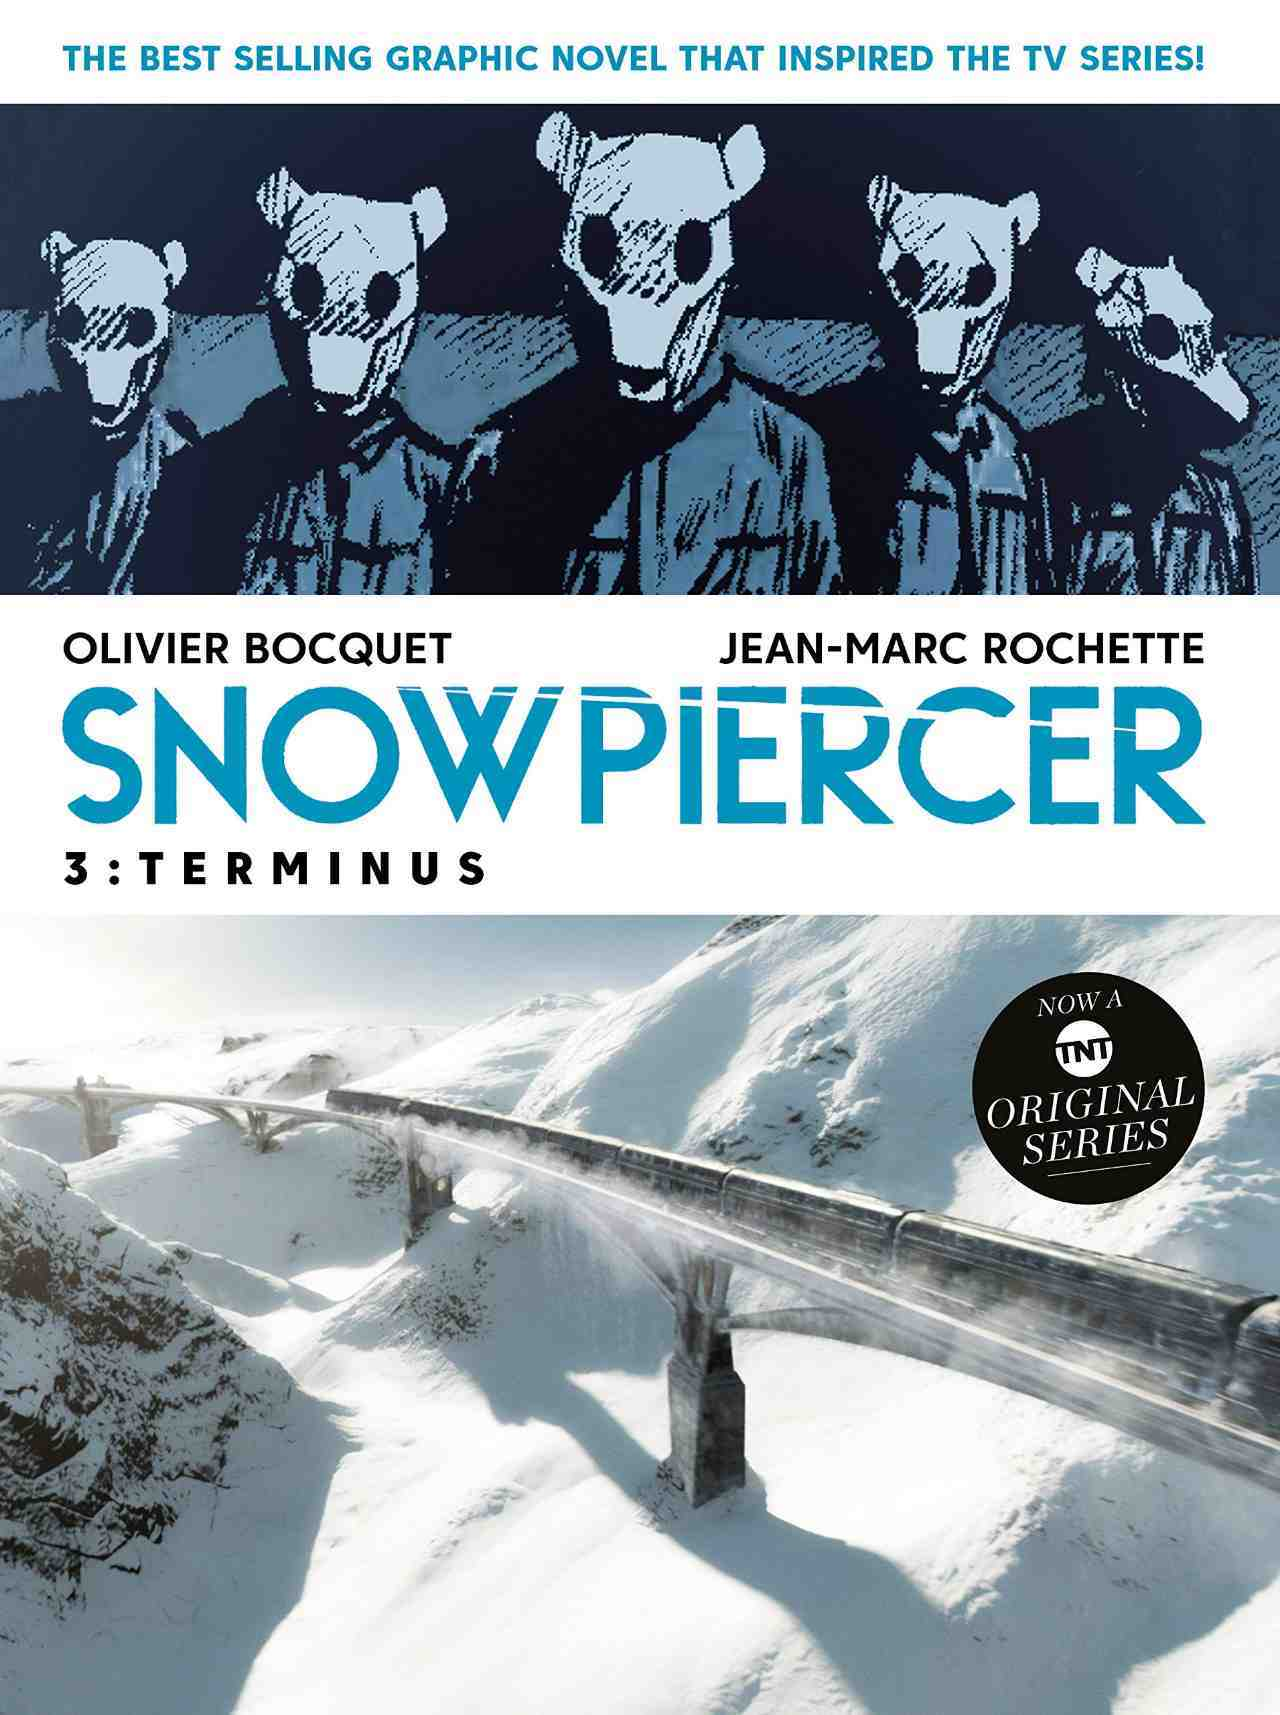 Snowpiercer Terminus